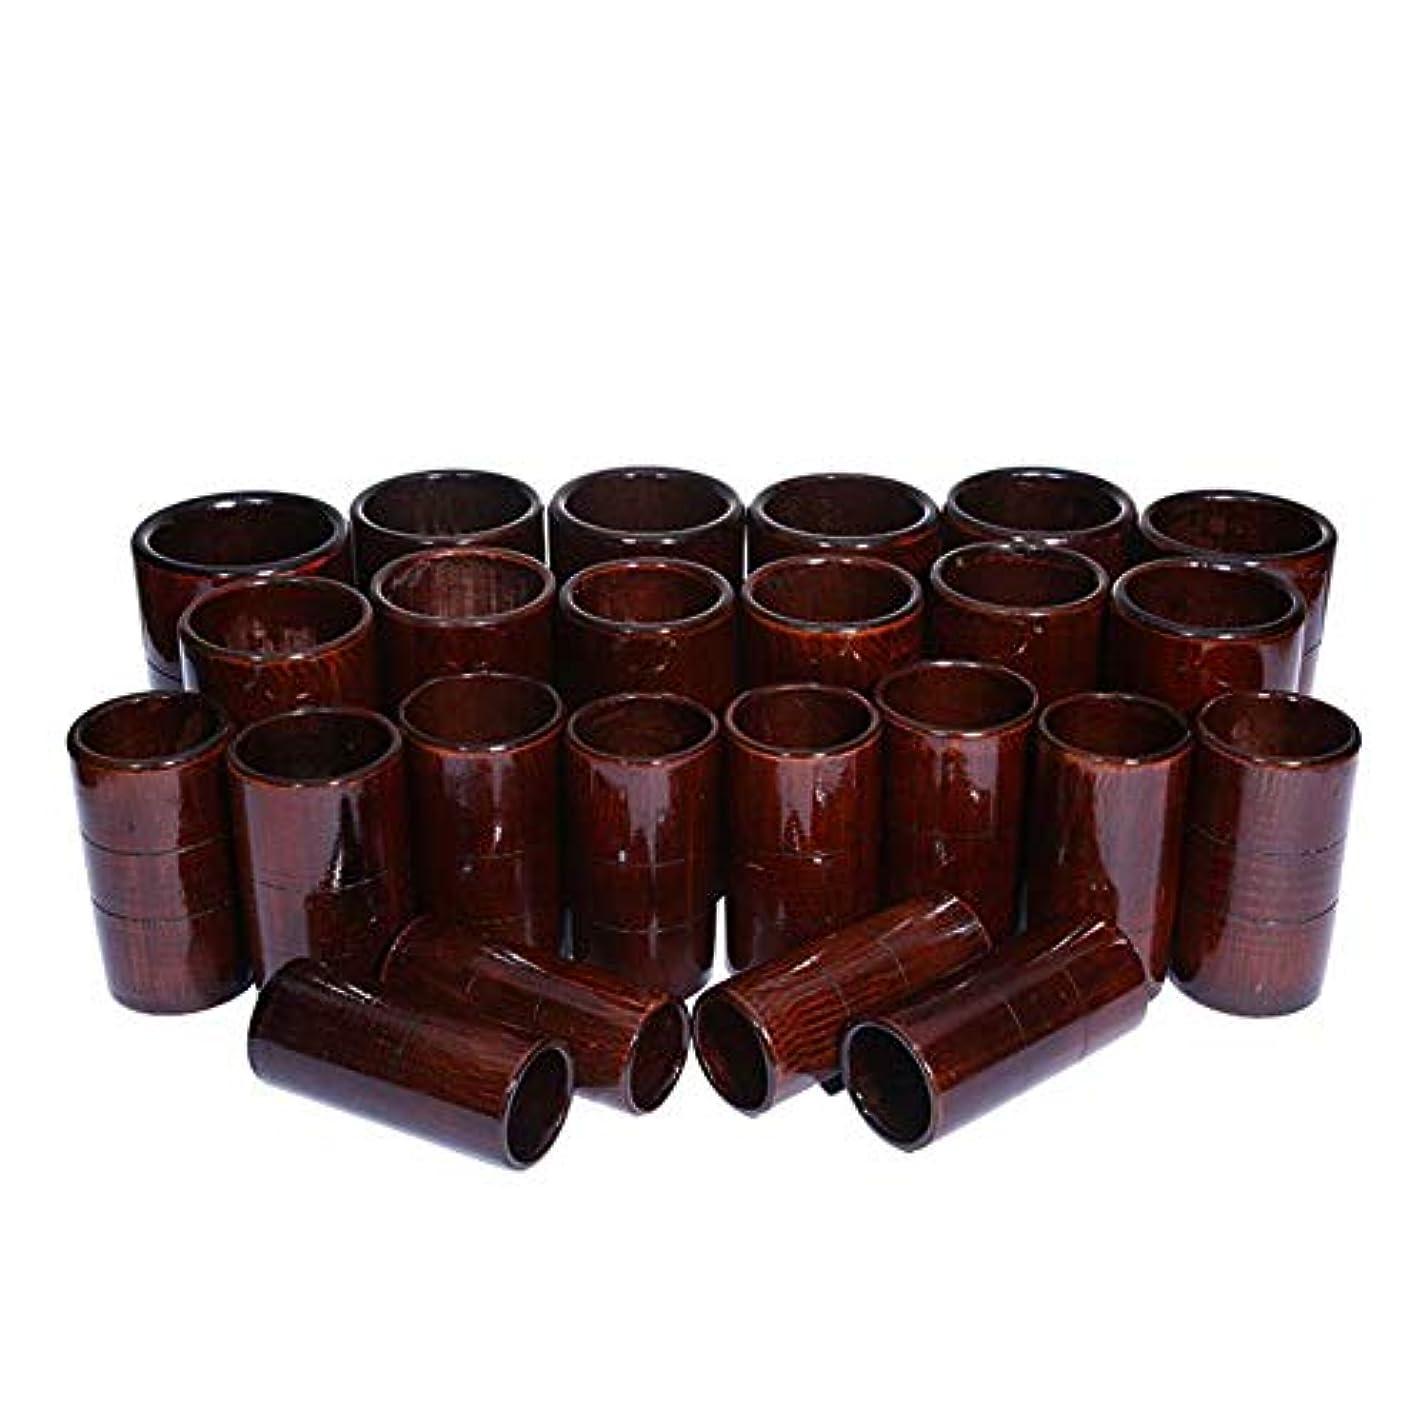 抵抗ナンセンス協力するカッピング竹鍼治療セットマッサージバキュームカップキットチャコール缶ボディ医療サクションセット,A10pcs